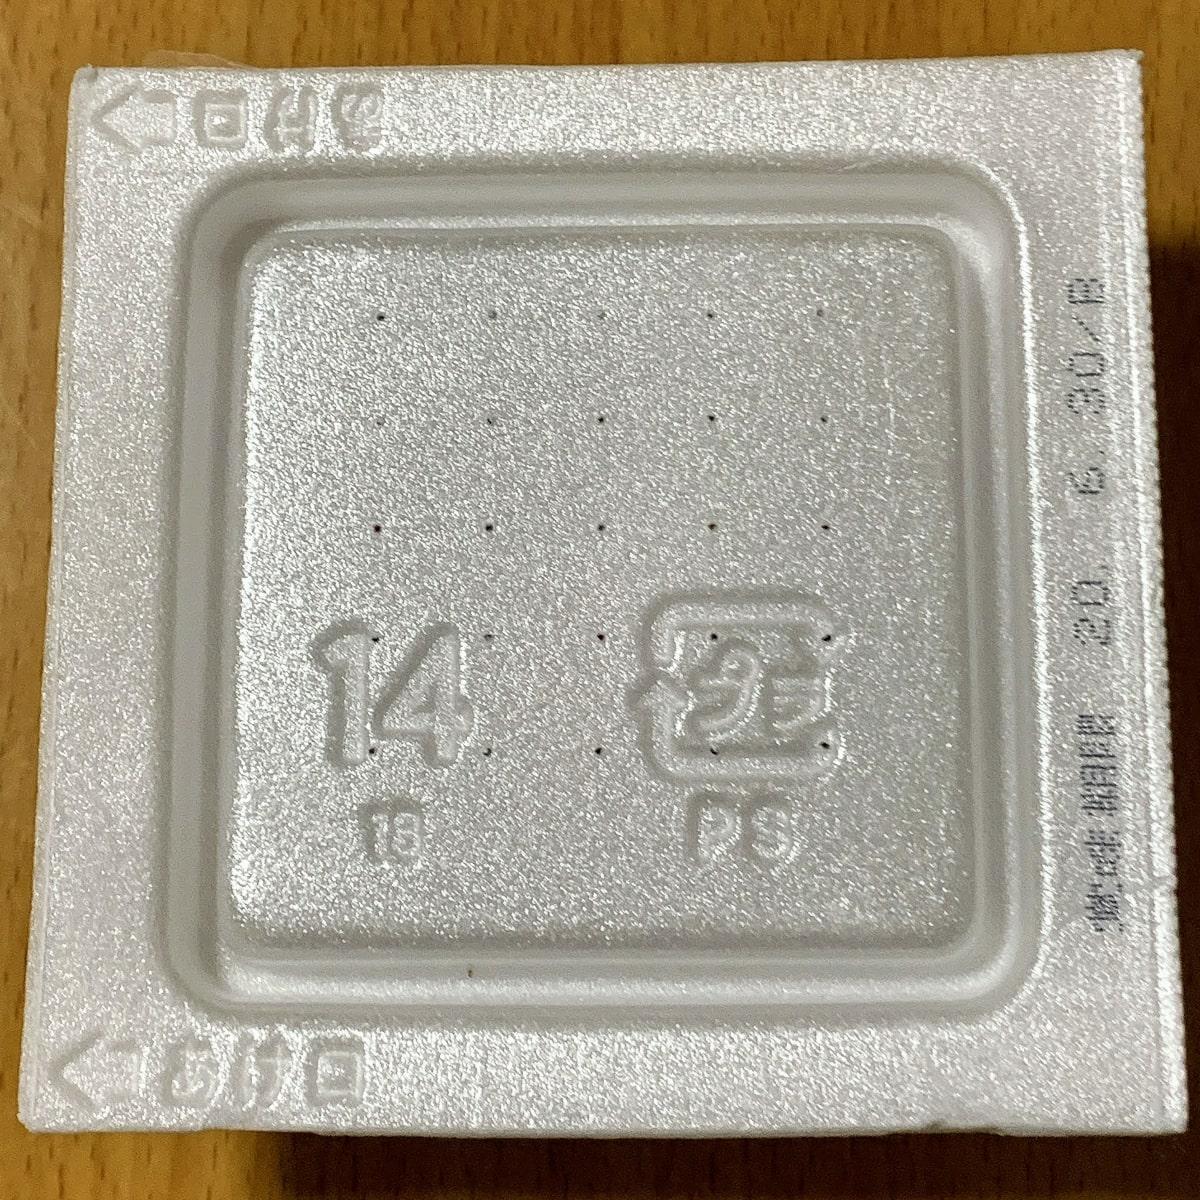 「豆力」の容器の画像